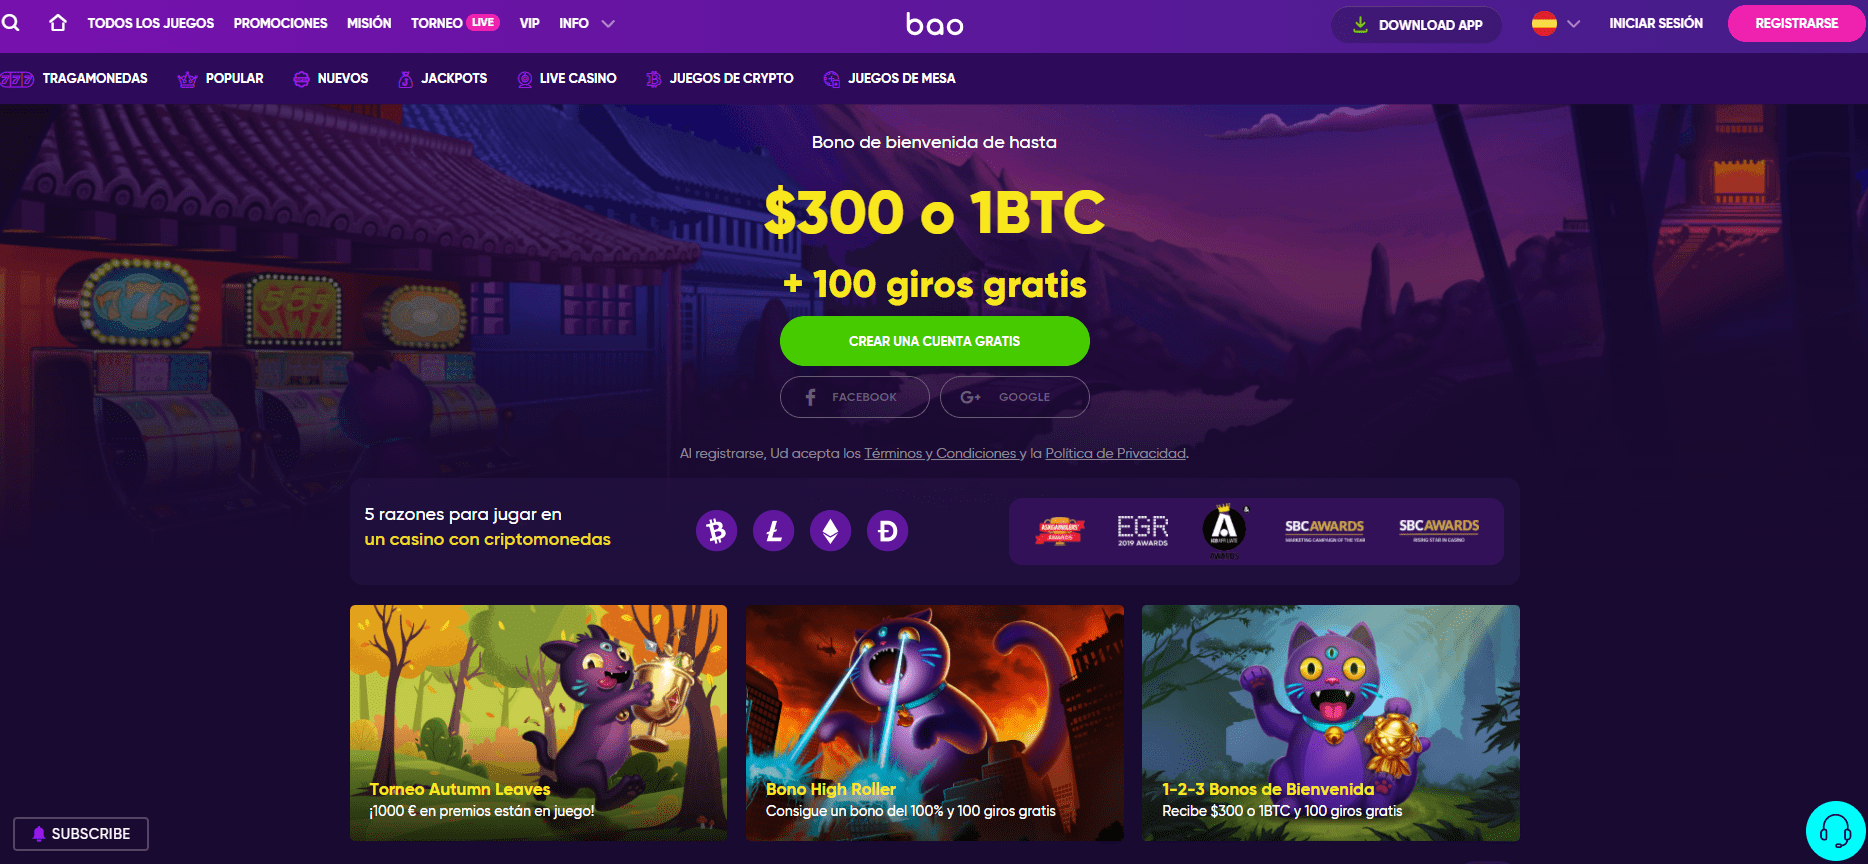 Promociones bao casino